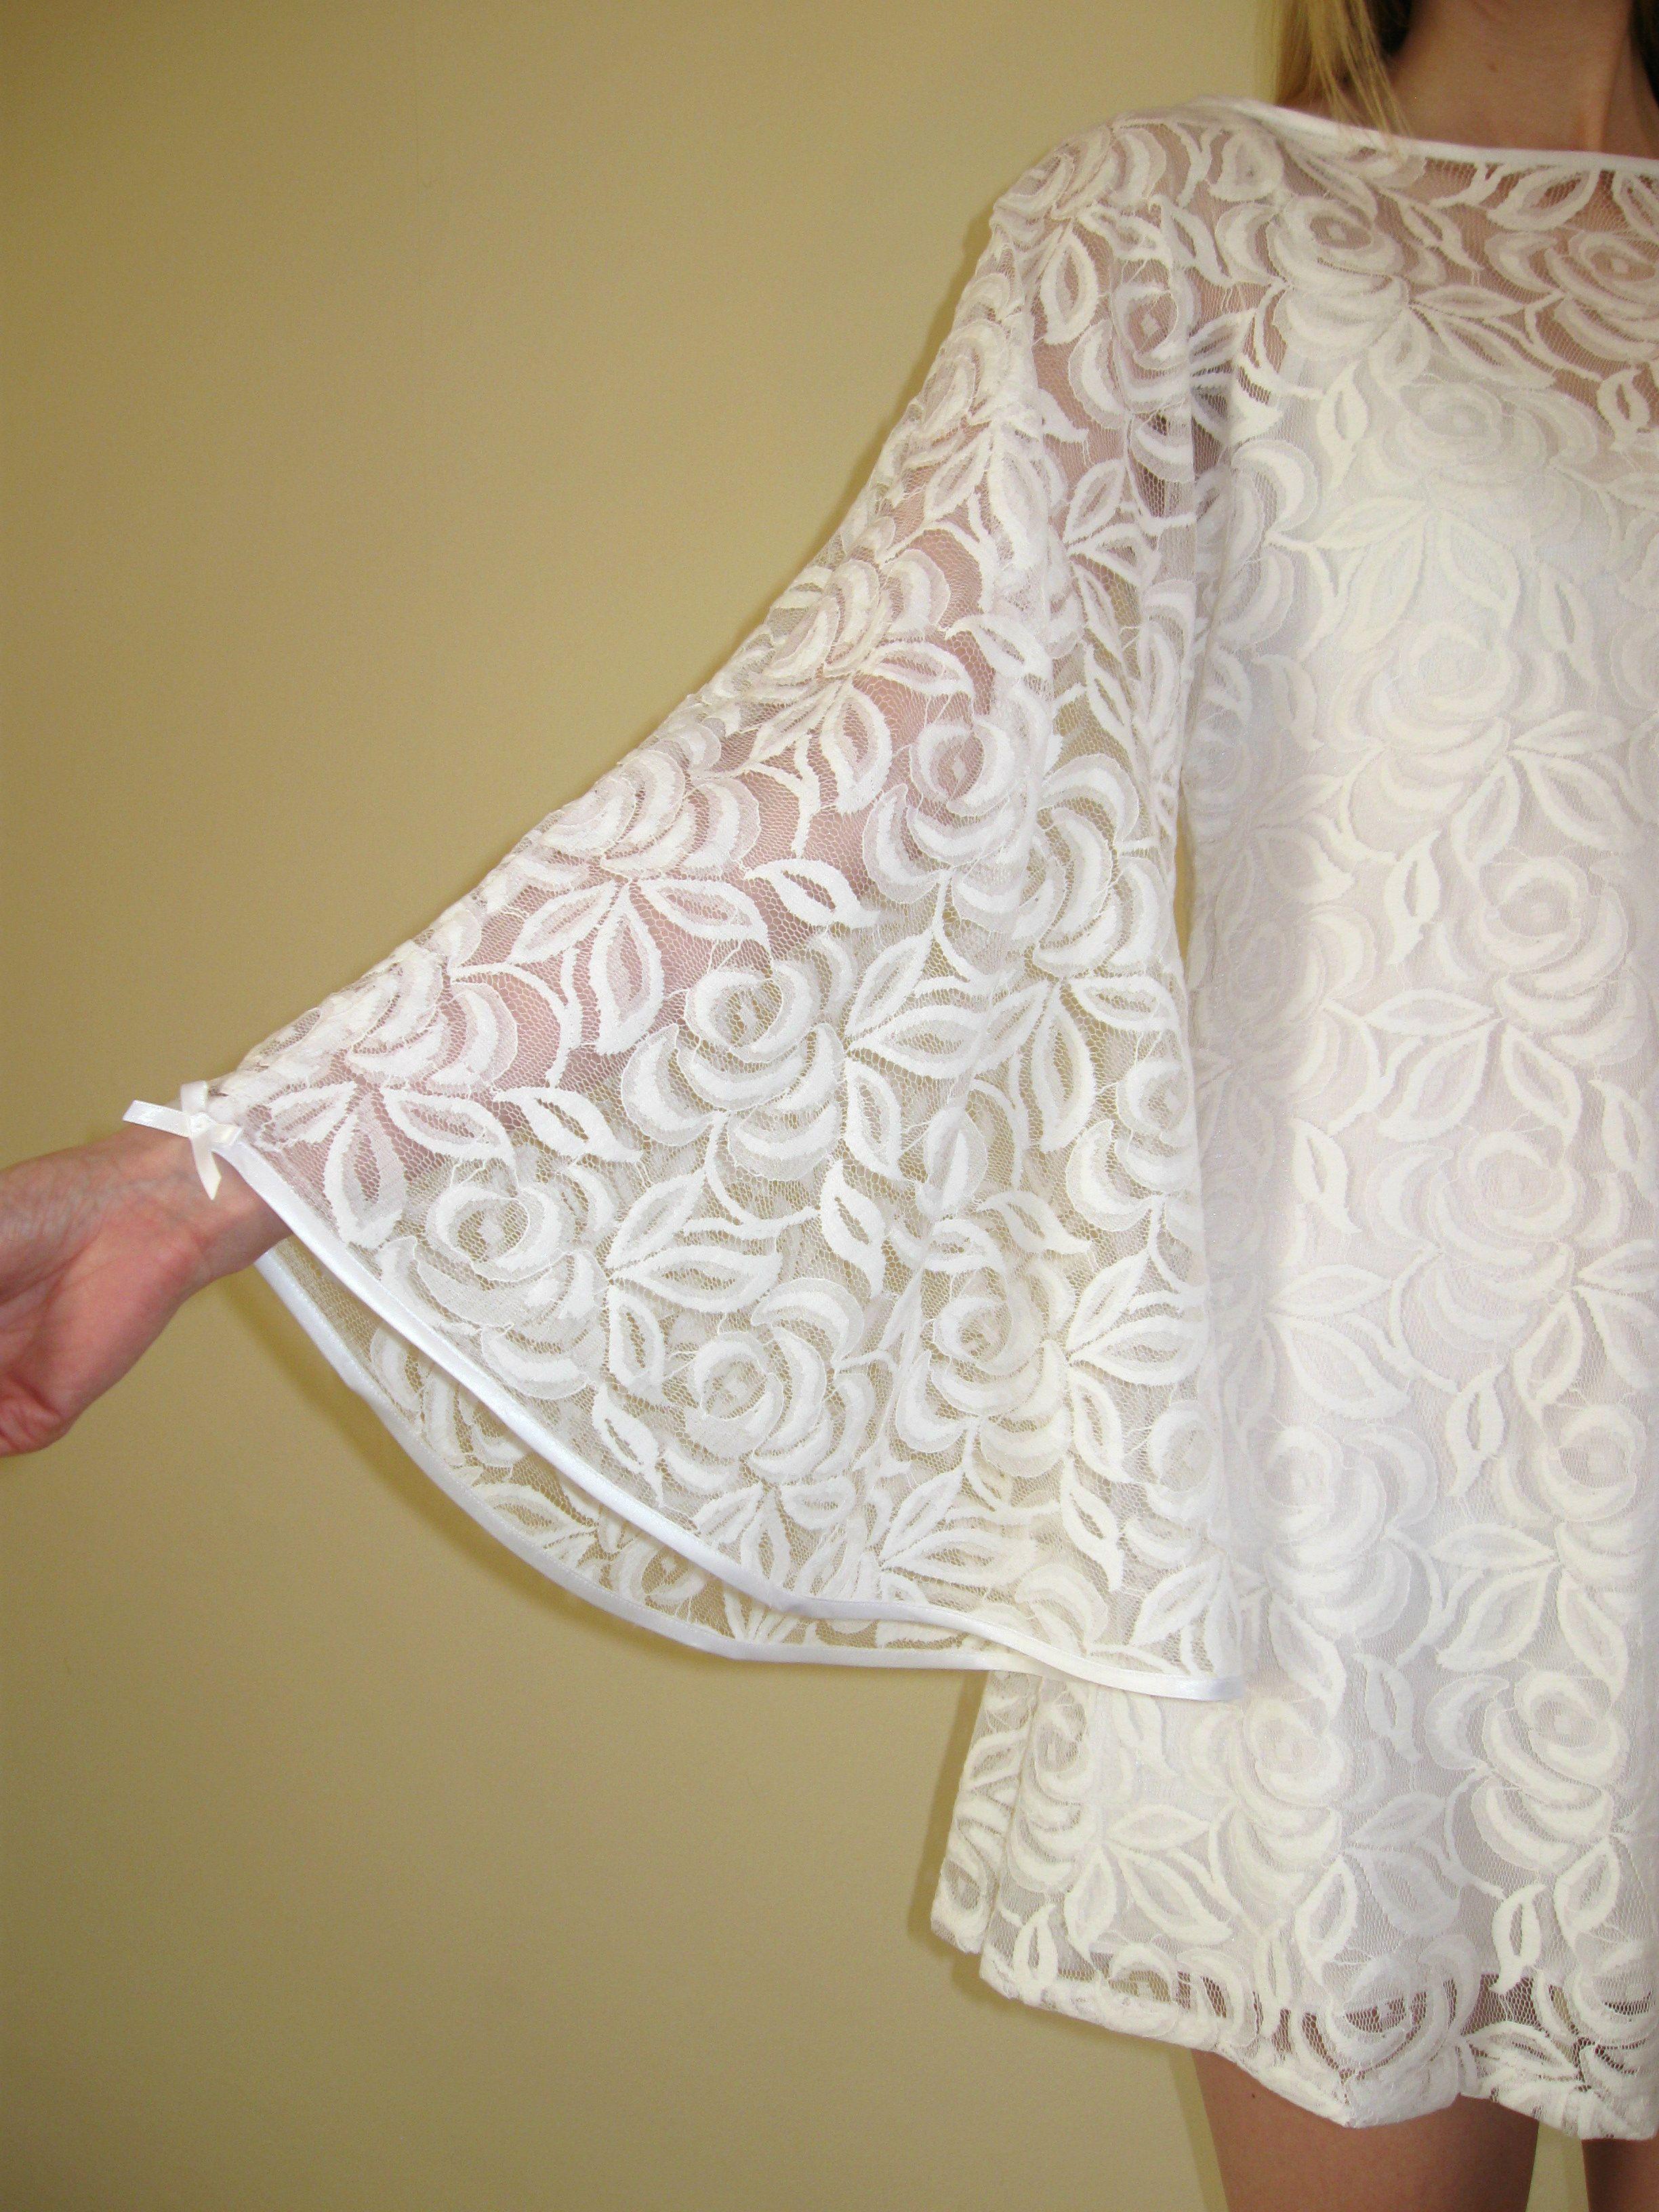 Lace Angel Dress sleeve